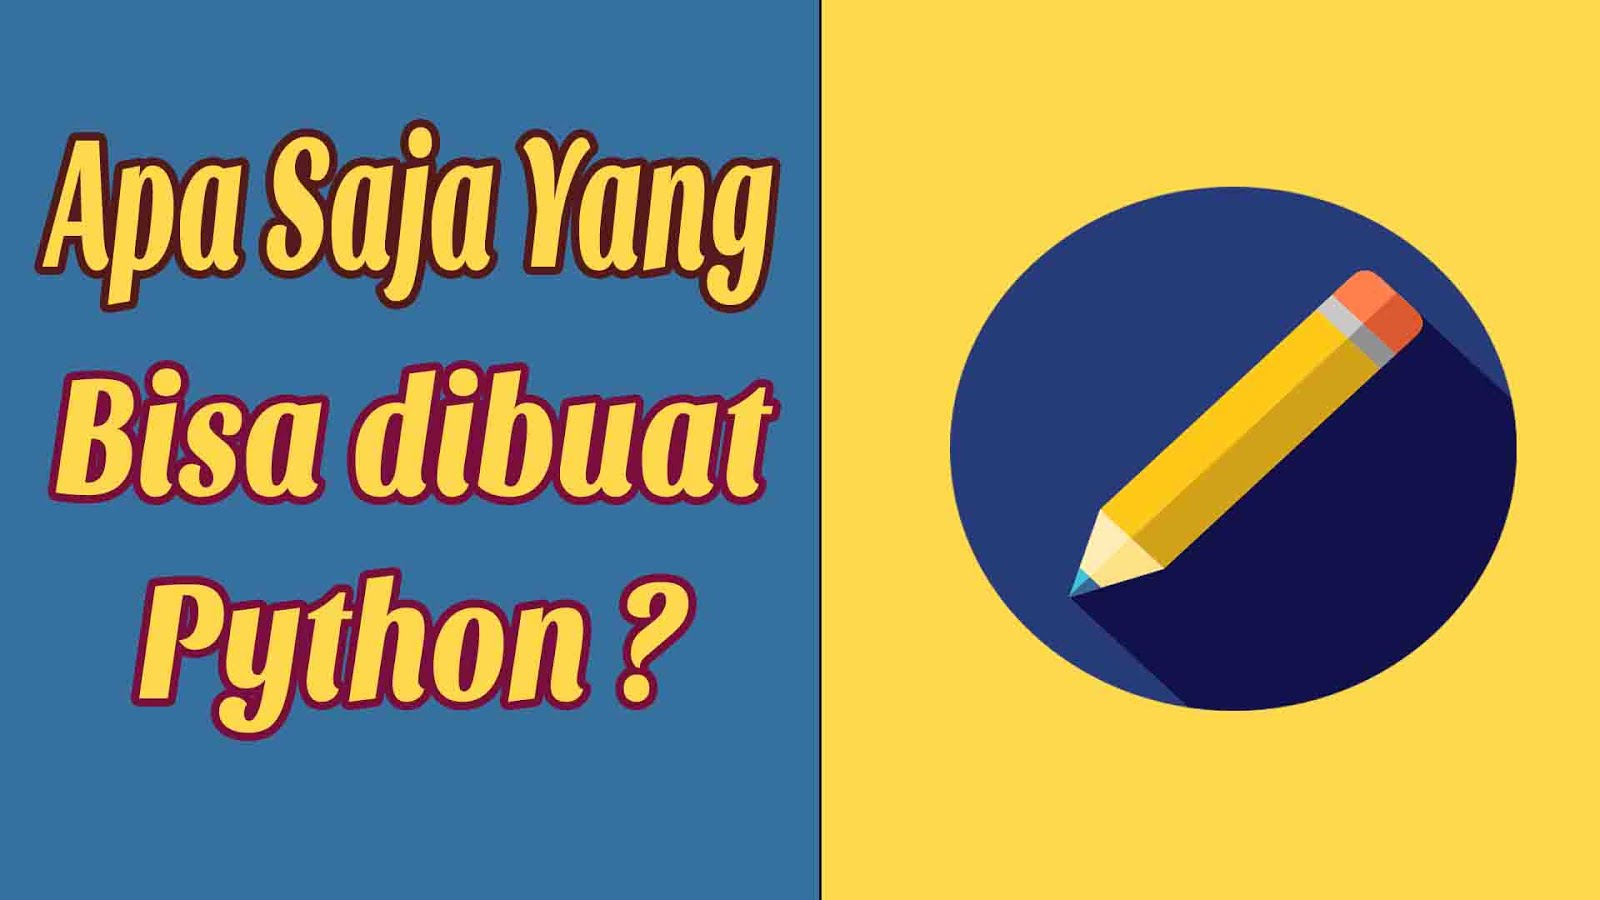 Apa saja yang bisa dibuat dengan software Python ?